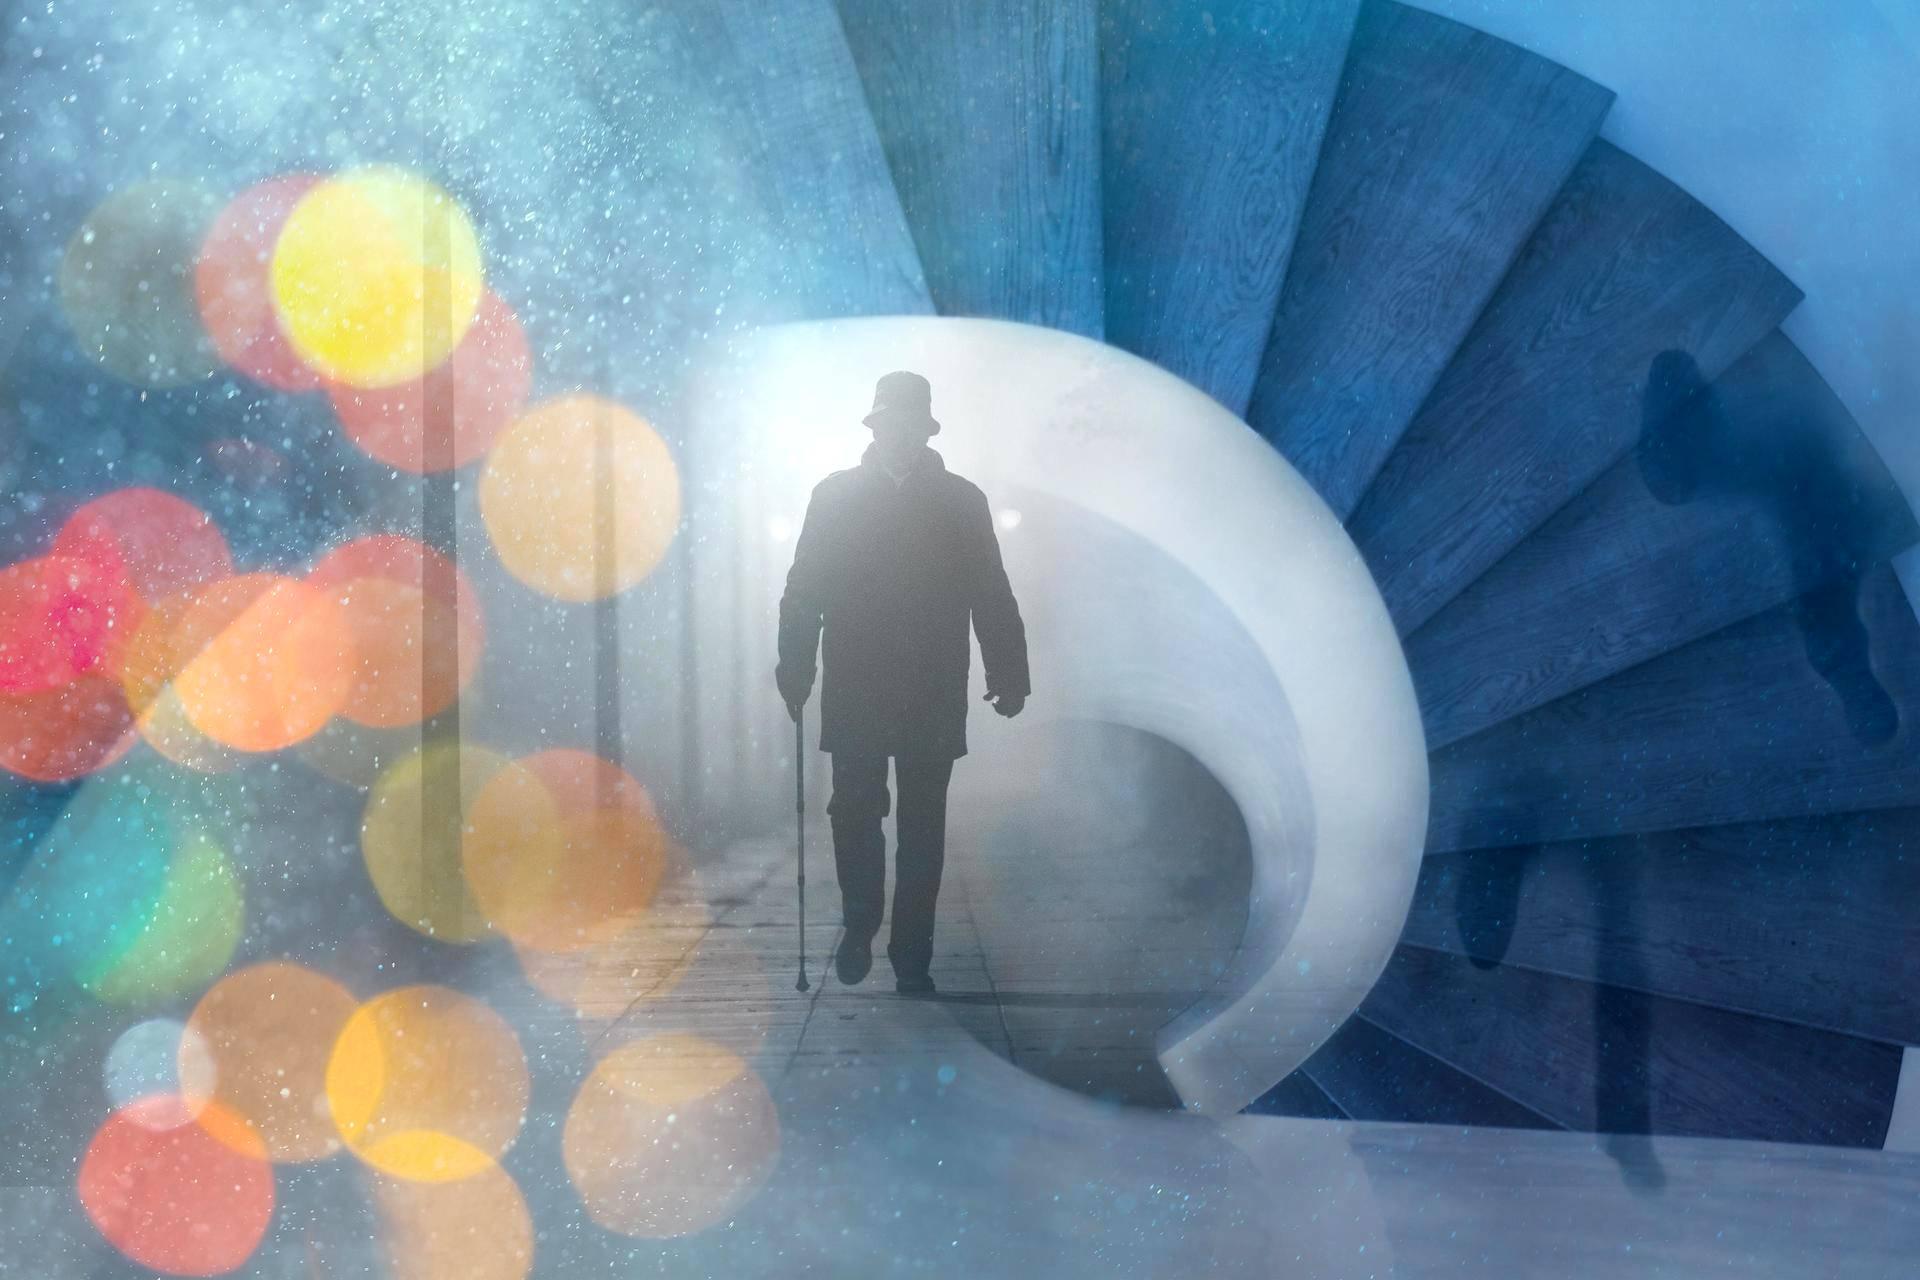 Kuollut isä juoksi kodin ohi keltaisissa shortseissa – Terveetkin ihmiset näkevät harhoja, ja tutkijan mukaan